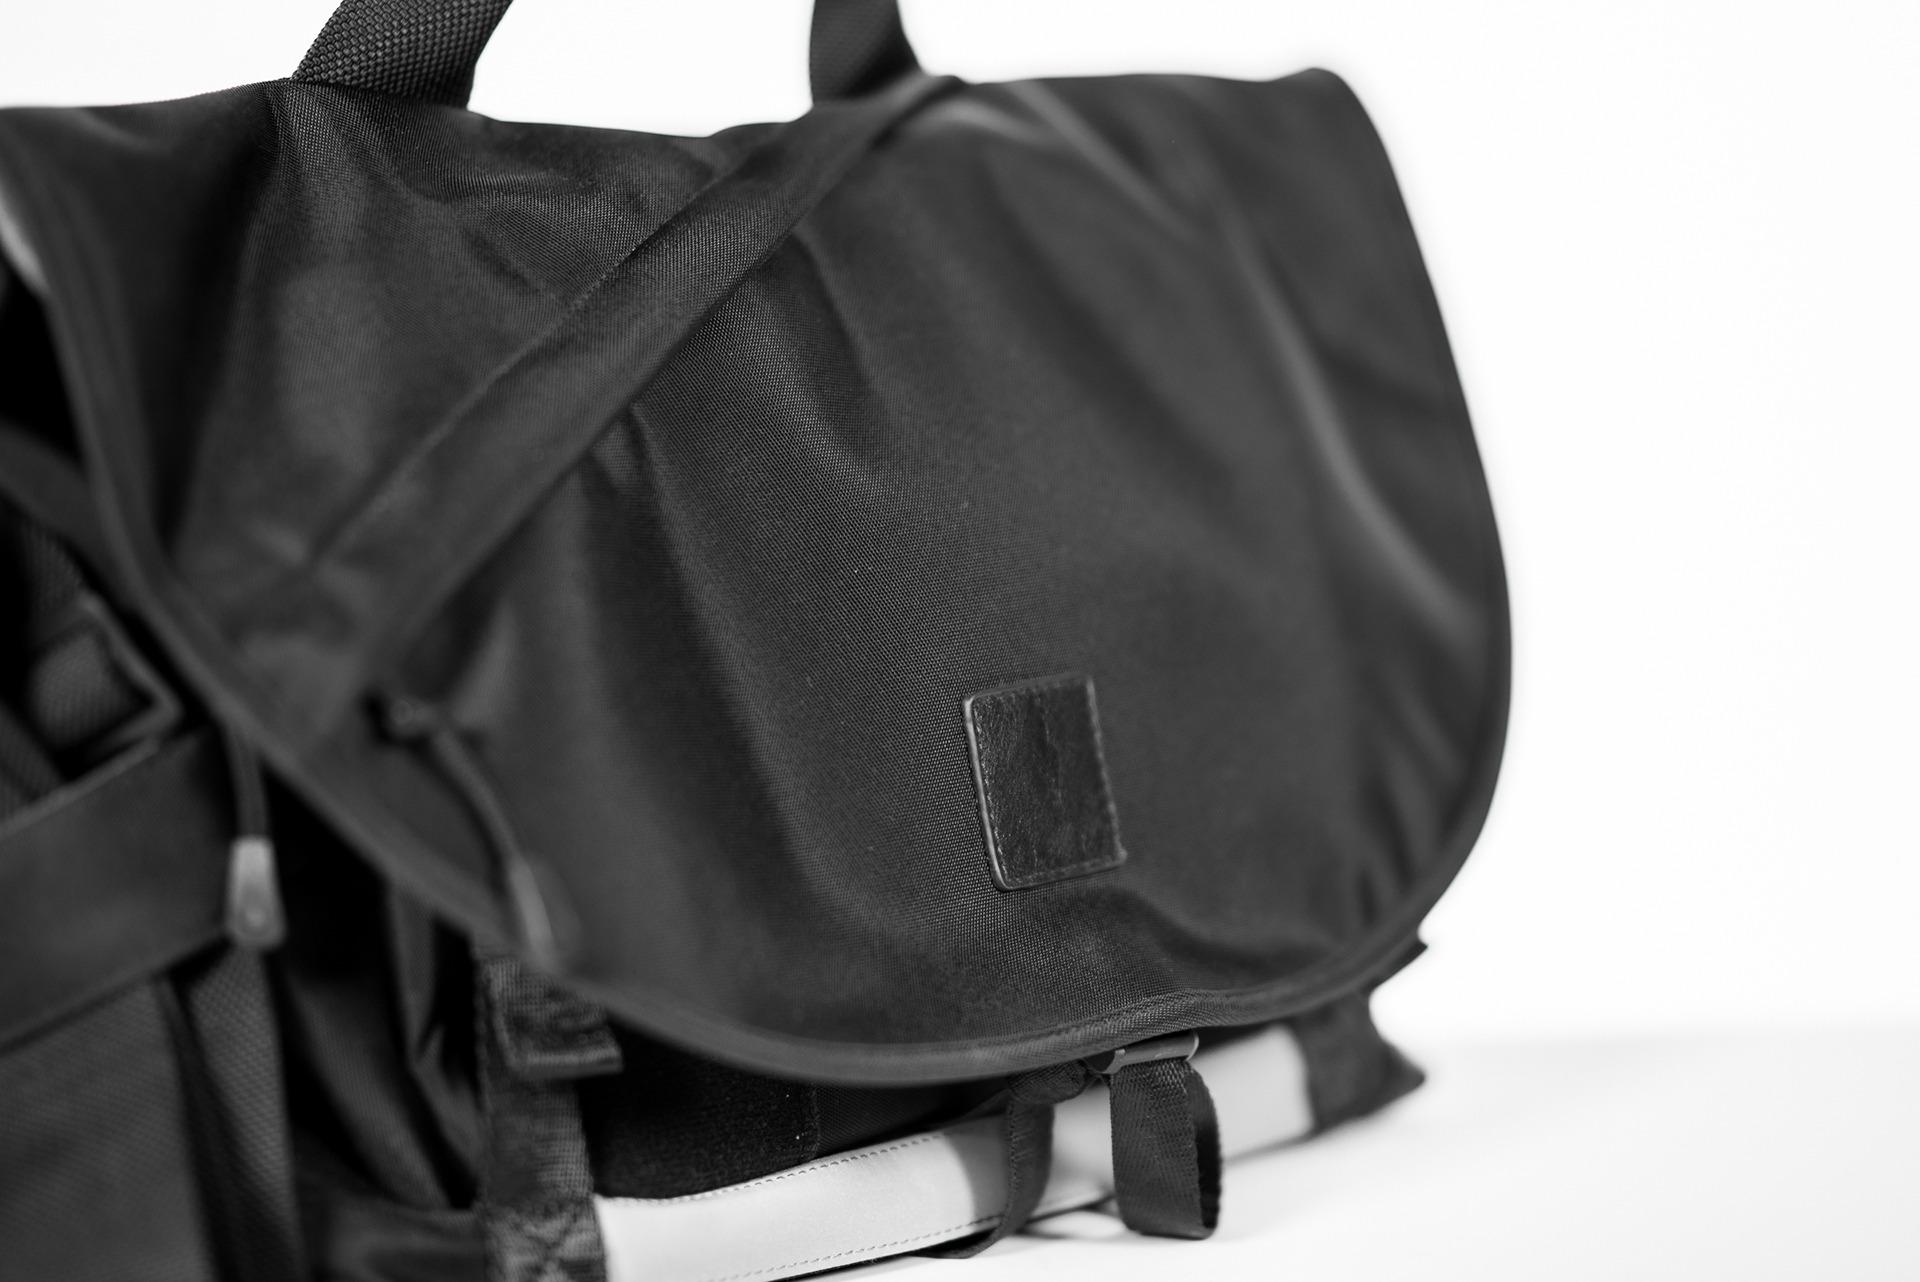 9c6e502a9d0 The ALPAKA 7ven Messenger Bag [Review] - SolidSmack